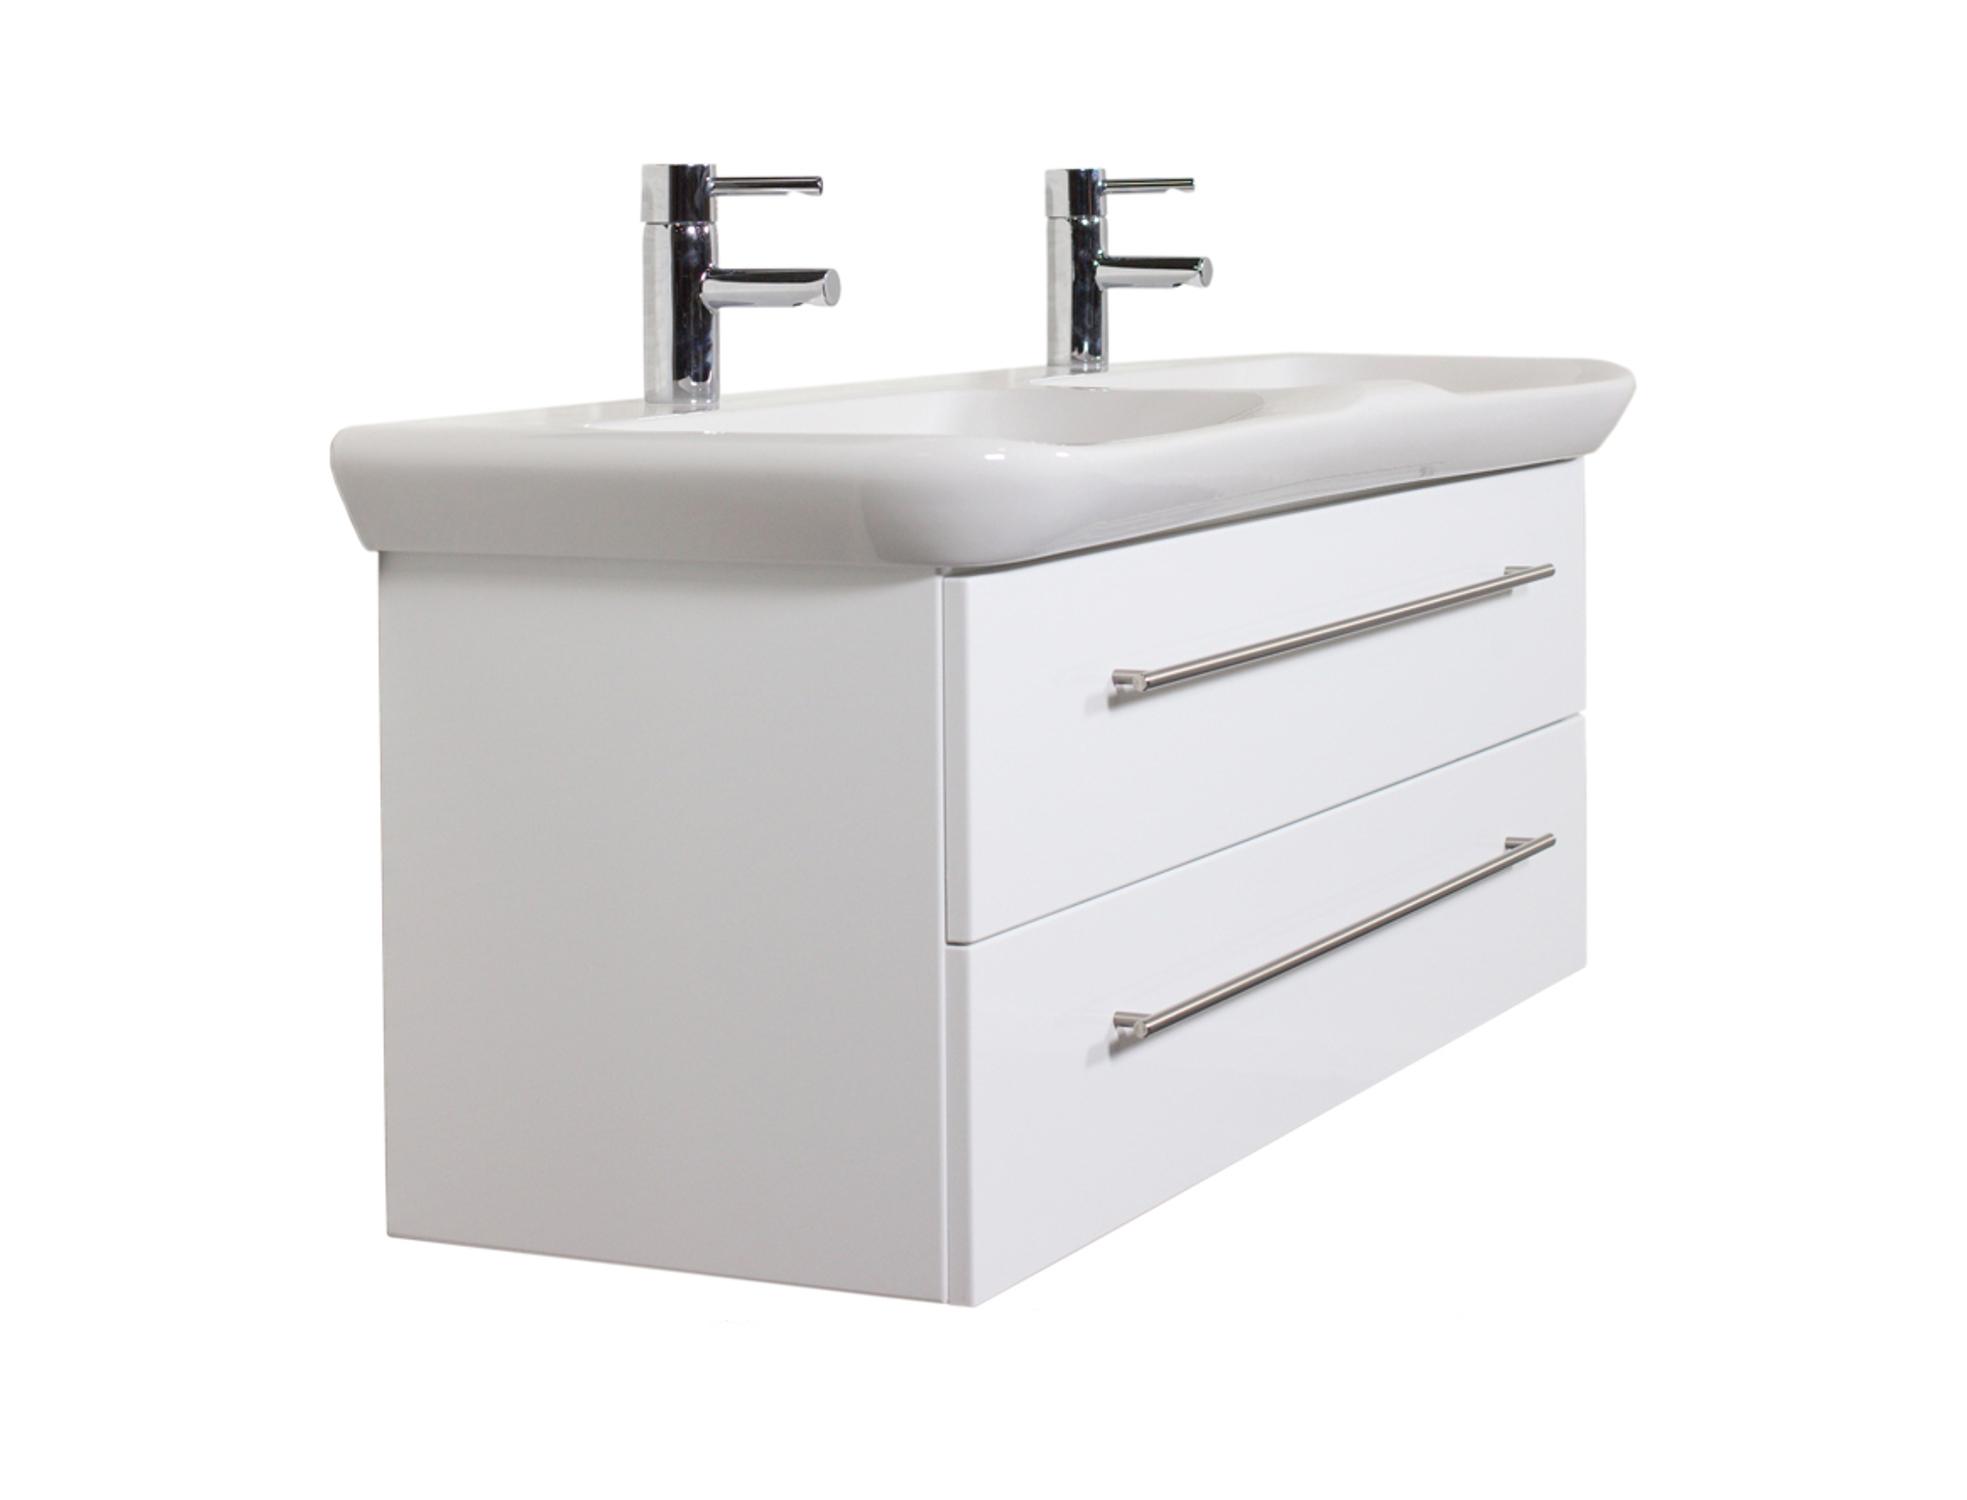 bad waschtisch mit keramag becken myday mit doppelbecken 130 cm breit wei bad waschtische. Black Bedroom Furniture Sets. Home Design Ideas